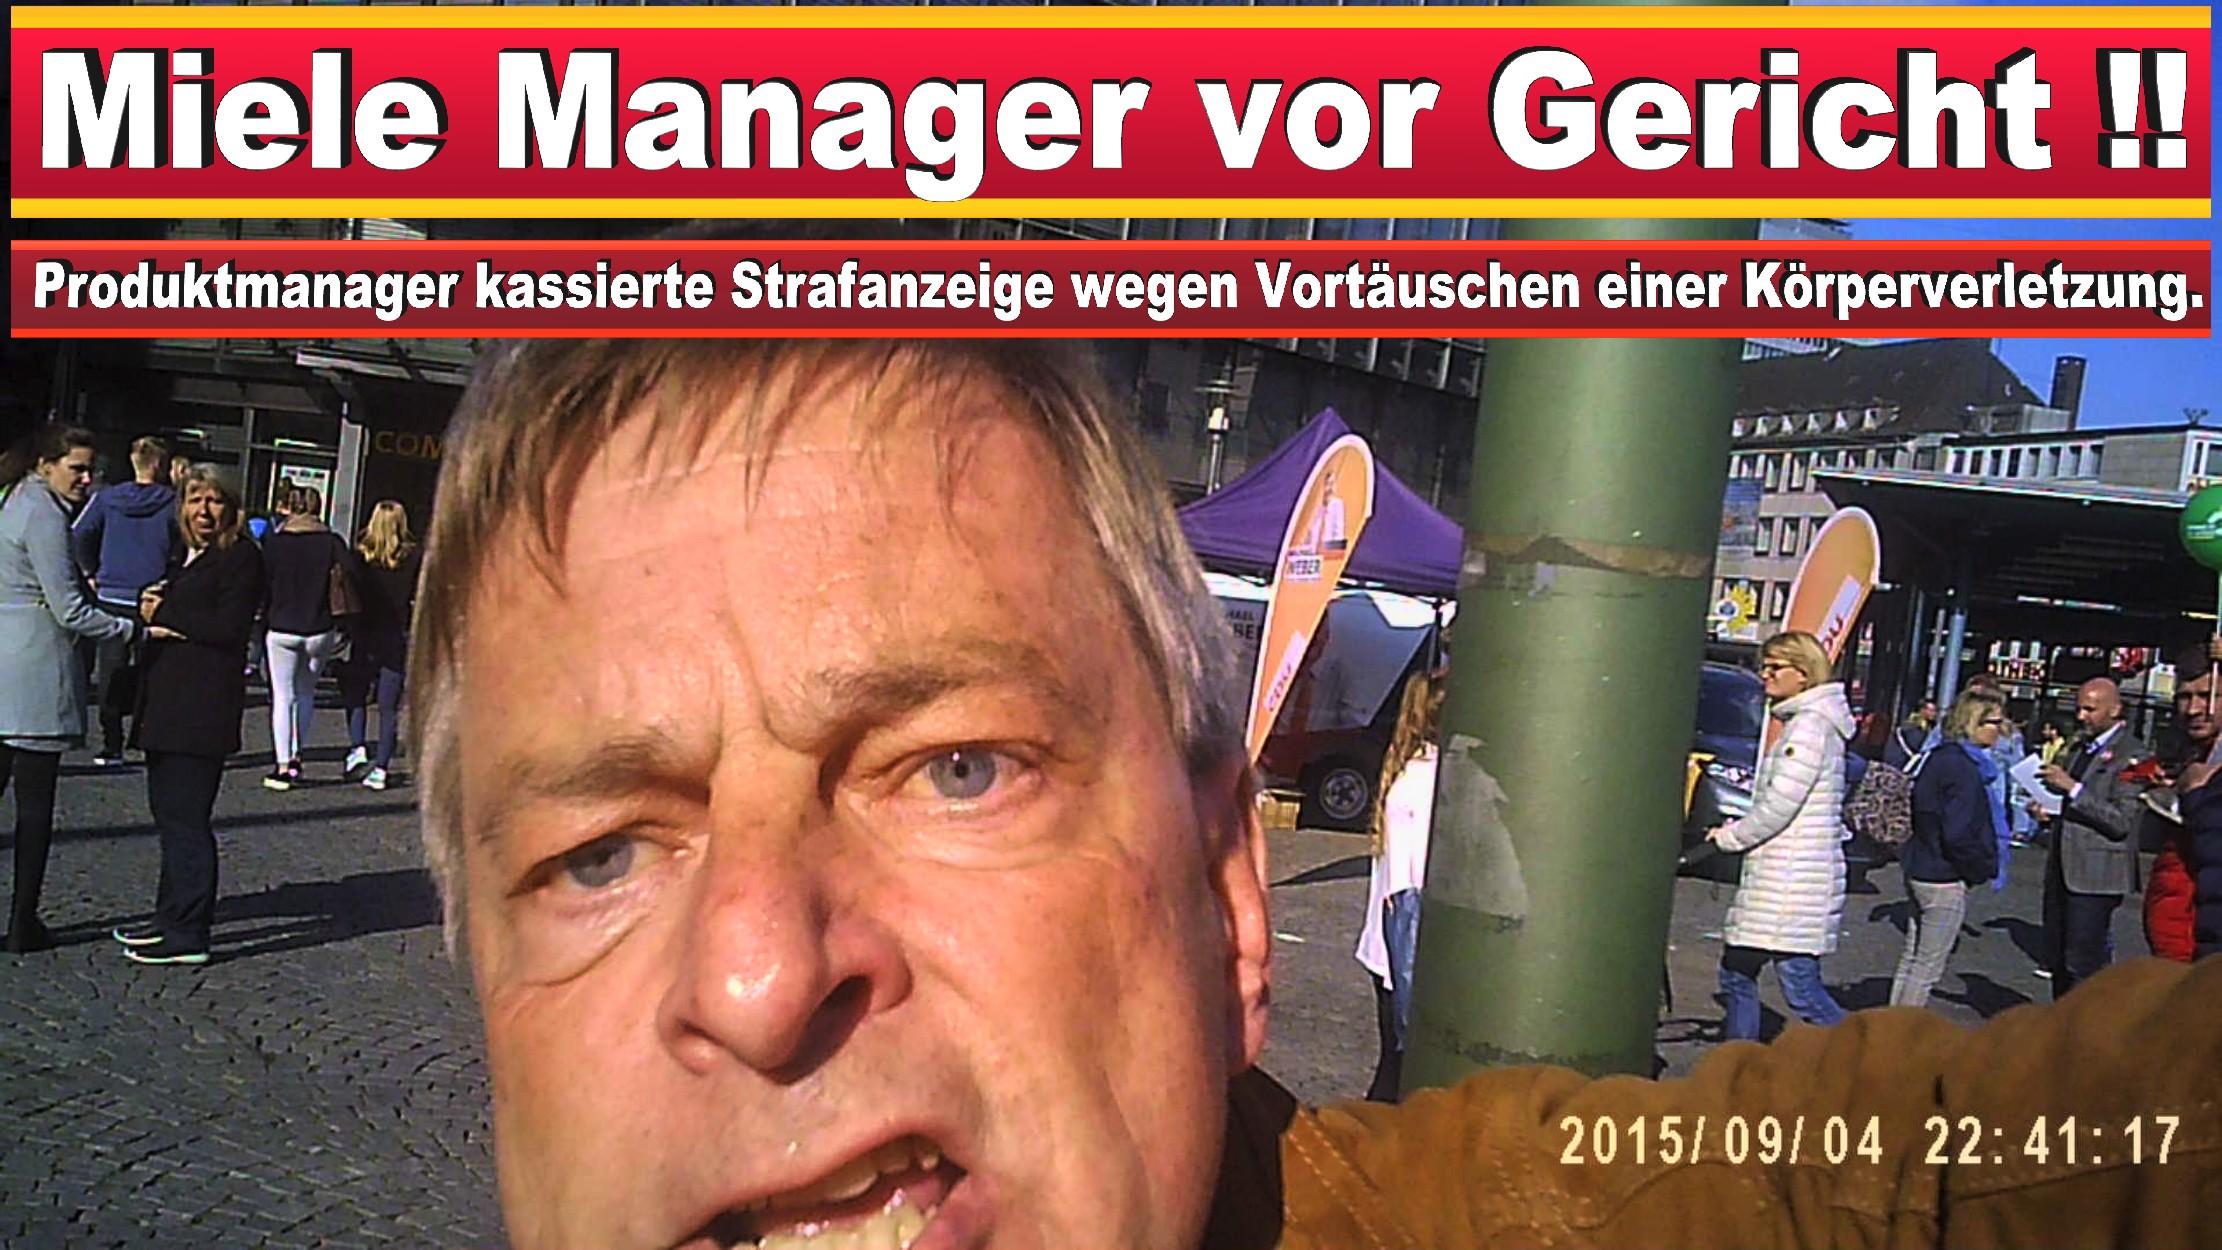 CDU BIELEFELD POLIZEIGEWALT GEWALTAUSBRUCH UND STRAFANZEIGE GEGEN EINEN JOURNALISTEN (19)